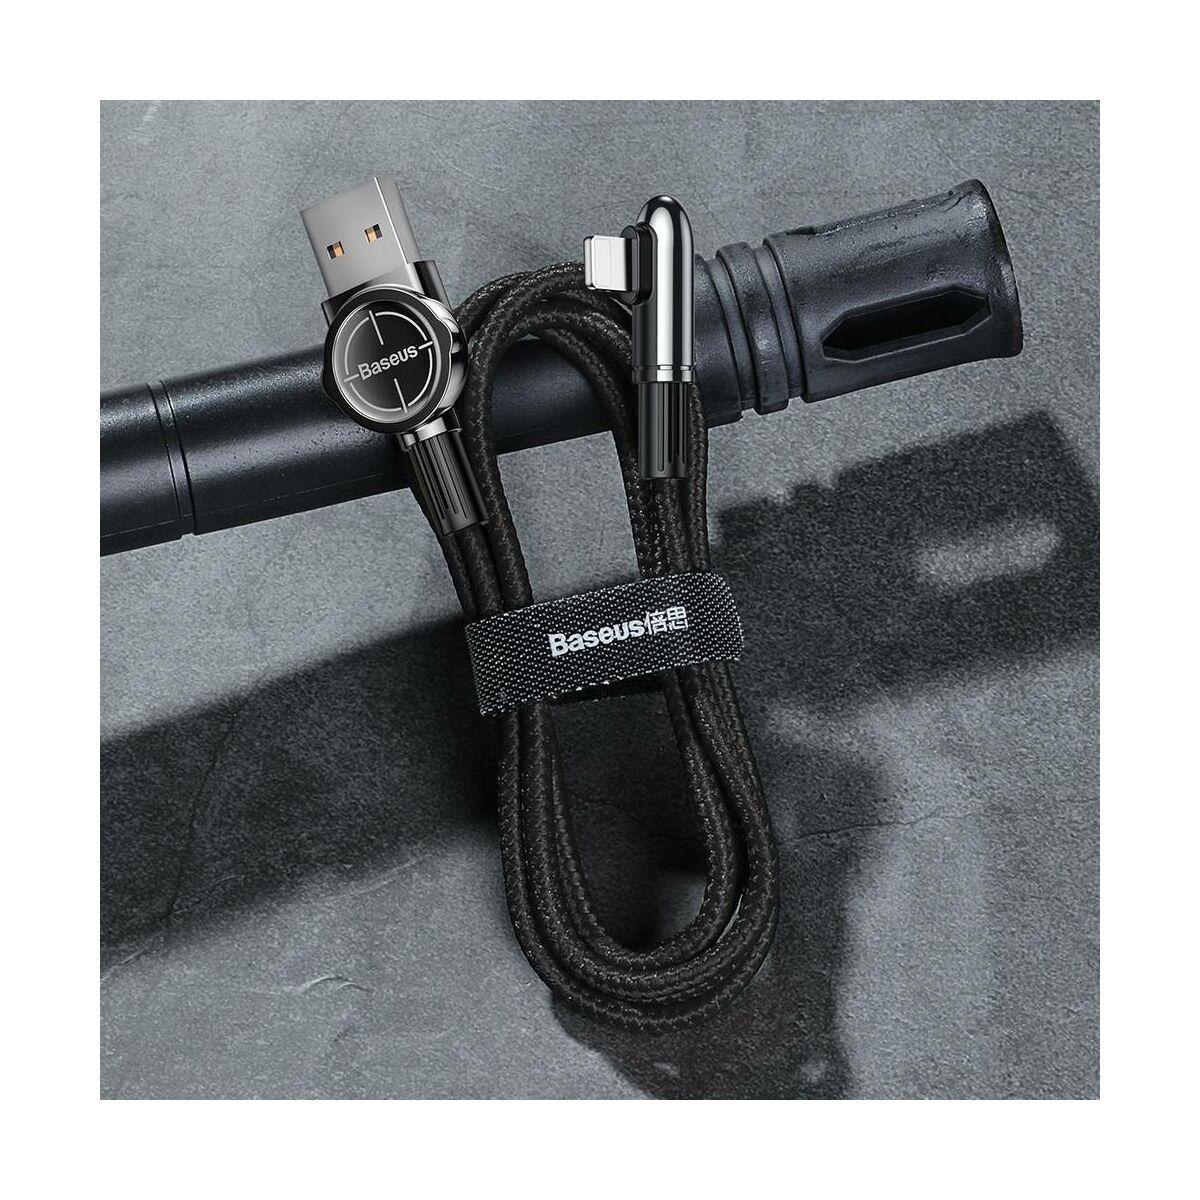 Baseus Lightning kábel, Exciting Mobile Game, lekerekített L-alakú csatlakozó, 1.5A, 2m, fekete (CALCJ-B01)